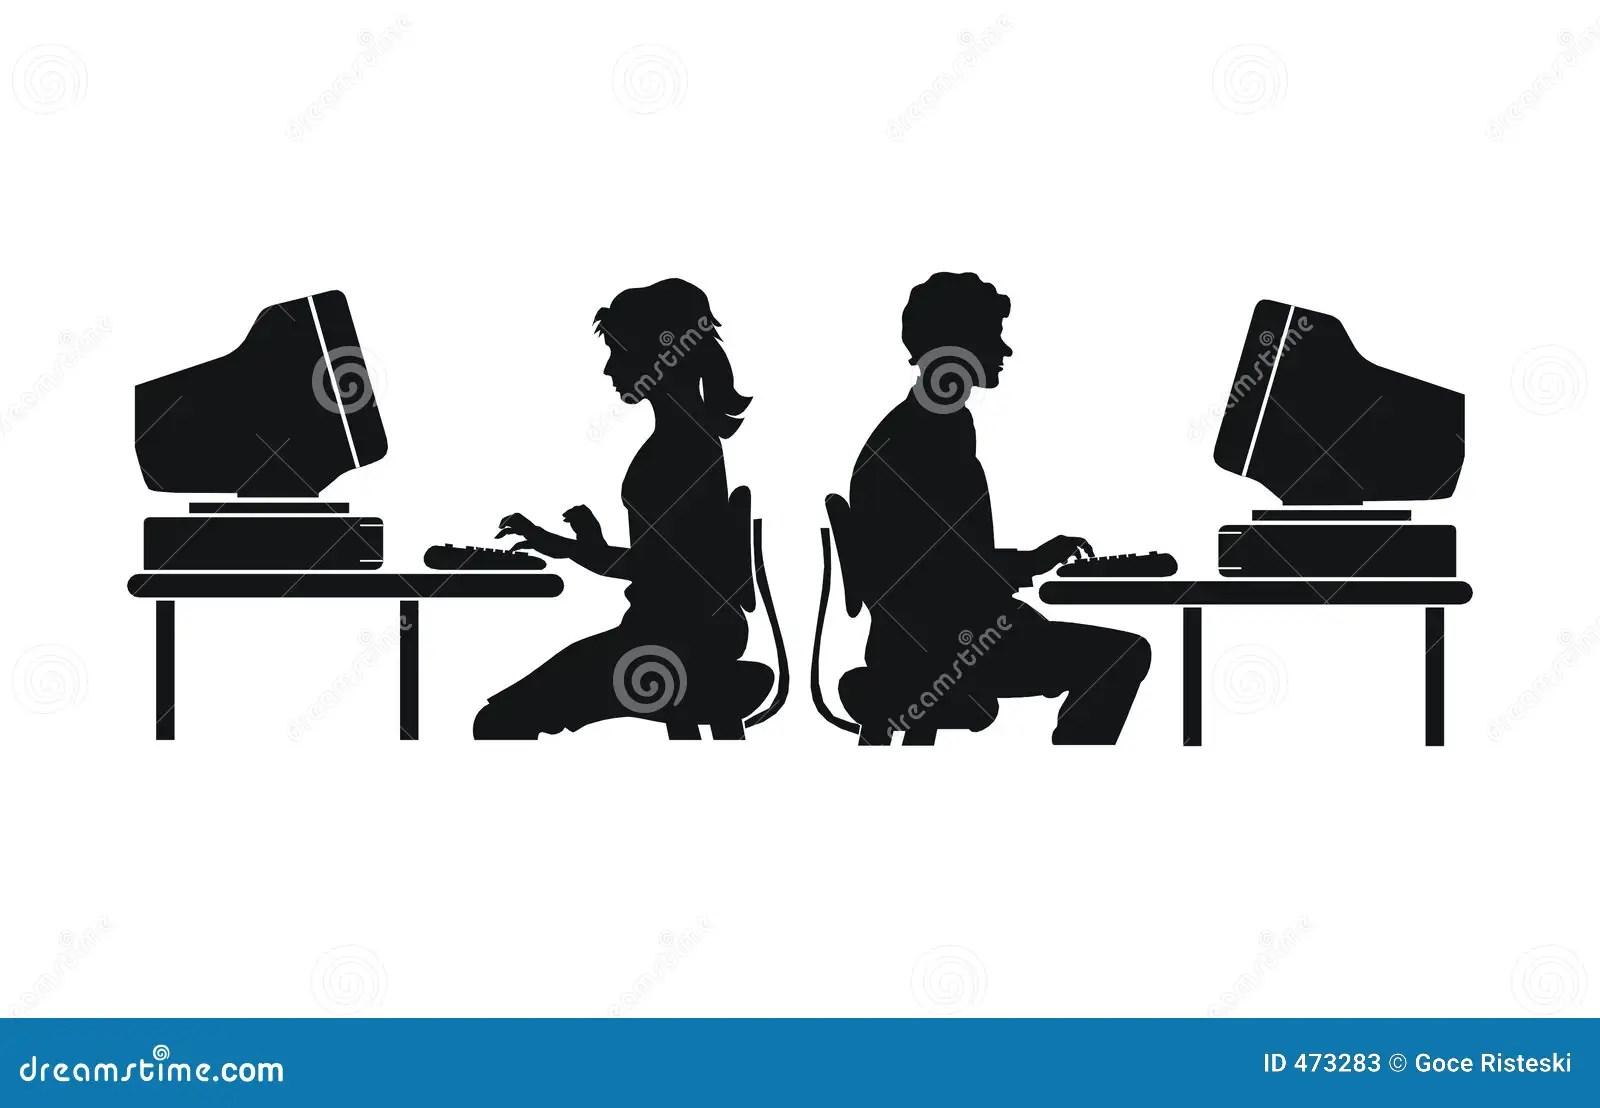 Computer Work Stock Photos